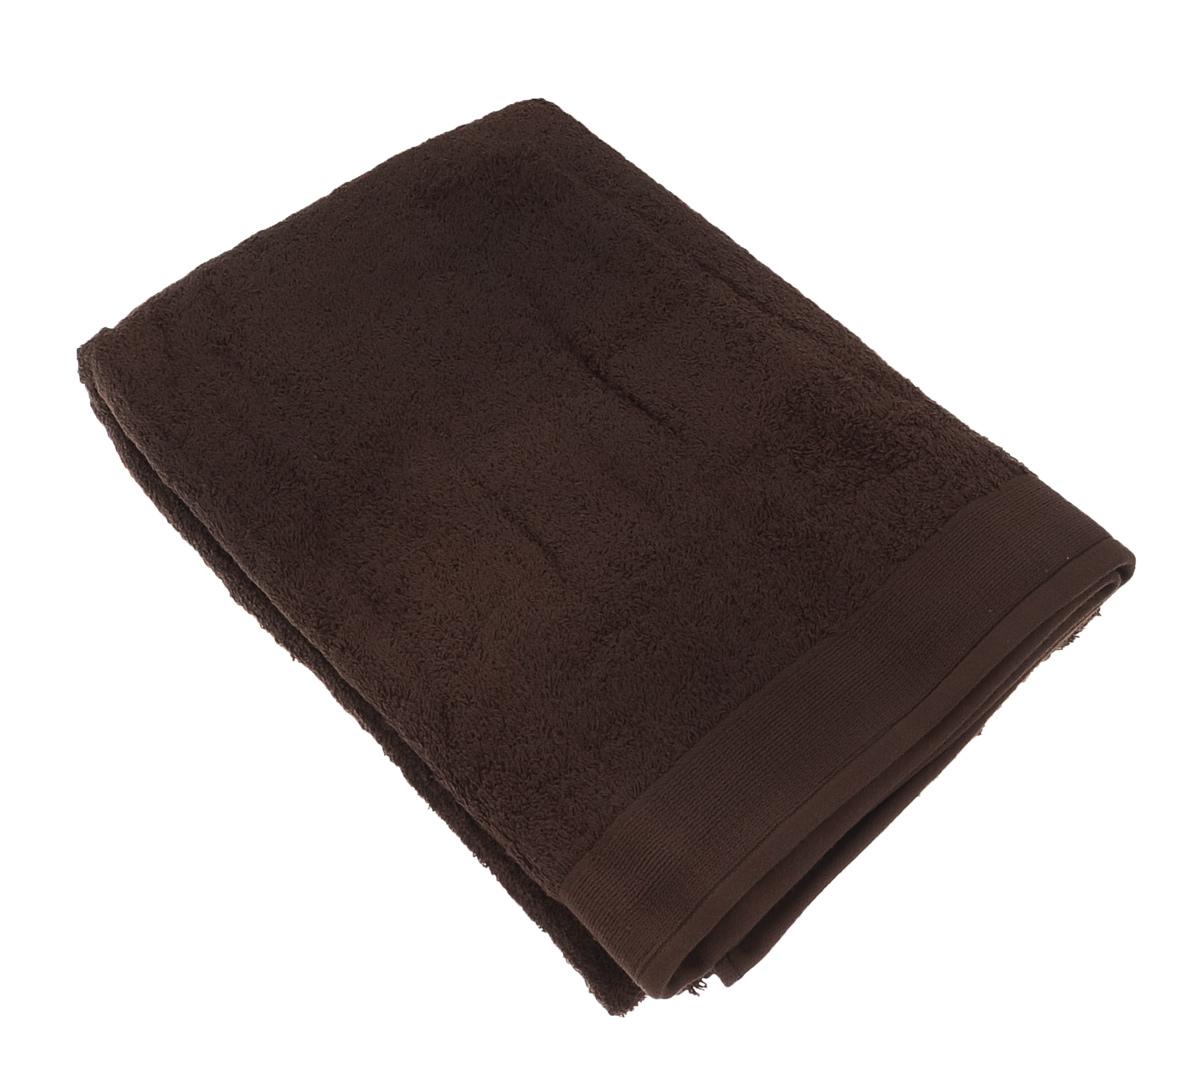 Полотенце махровое Guten Morgen, цвет: какао, 100 см х 150 смПМк-100-150Махровое полотенце Guten Morgen, изготовленное из натурального хлопка, прекрасно впитывает влагу и быстро сохнет. Высокая плотность ткани делает полотенце мягкими, прочными и пушистыми. При соблюдении рекомендаций по уходу изделие сохраняет яркость цвета и не теряет форму даже после многократных стирок. Махровое полотенце Guten Morgen станет достойным выбором для вас и приятным подарком для ваших близких. Мягкость и высокое качество материала, из которого изготовлено полотенце, не оставит вас равнодушными.